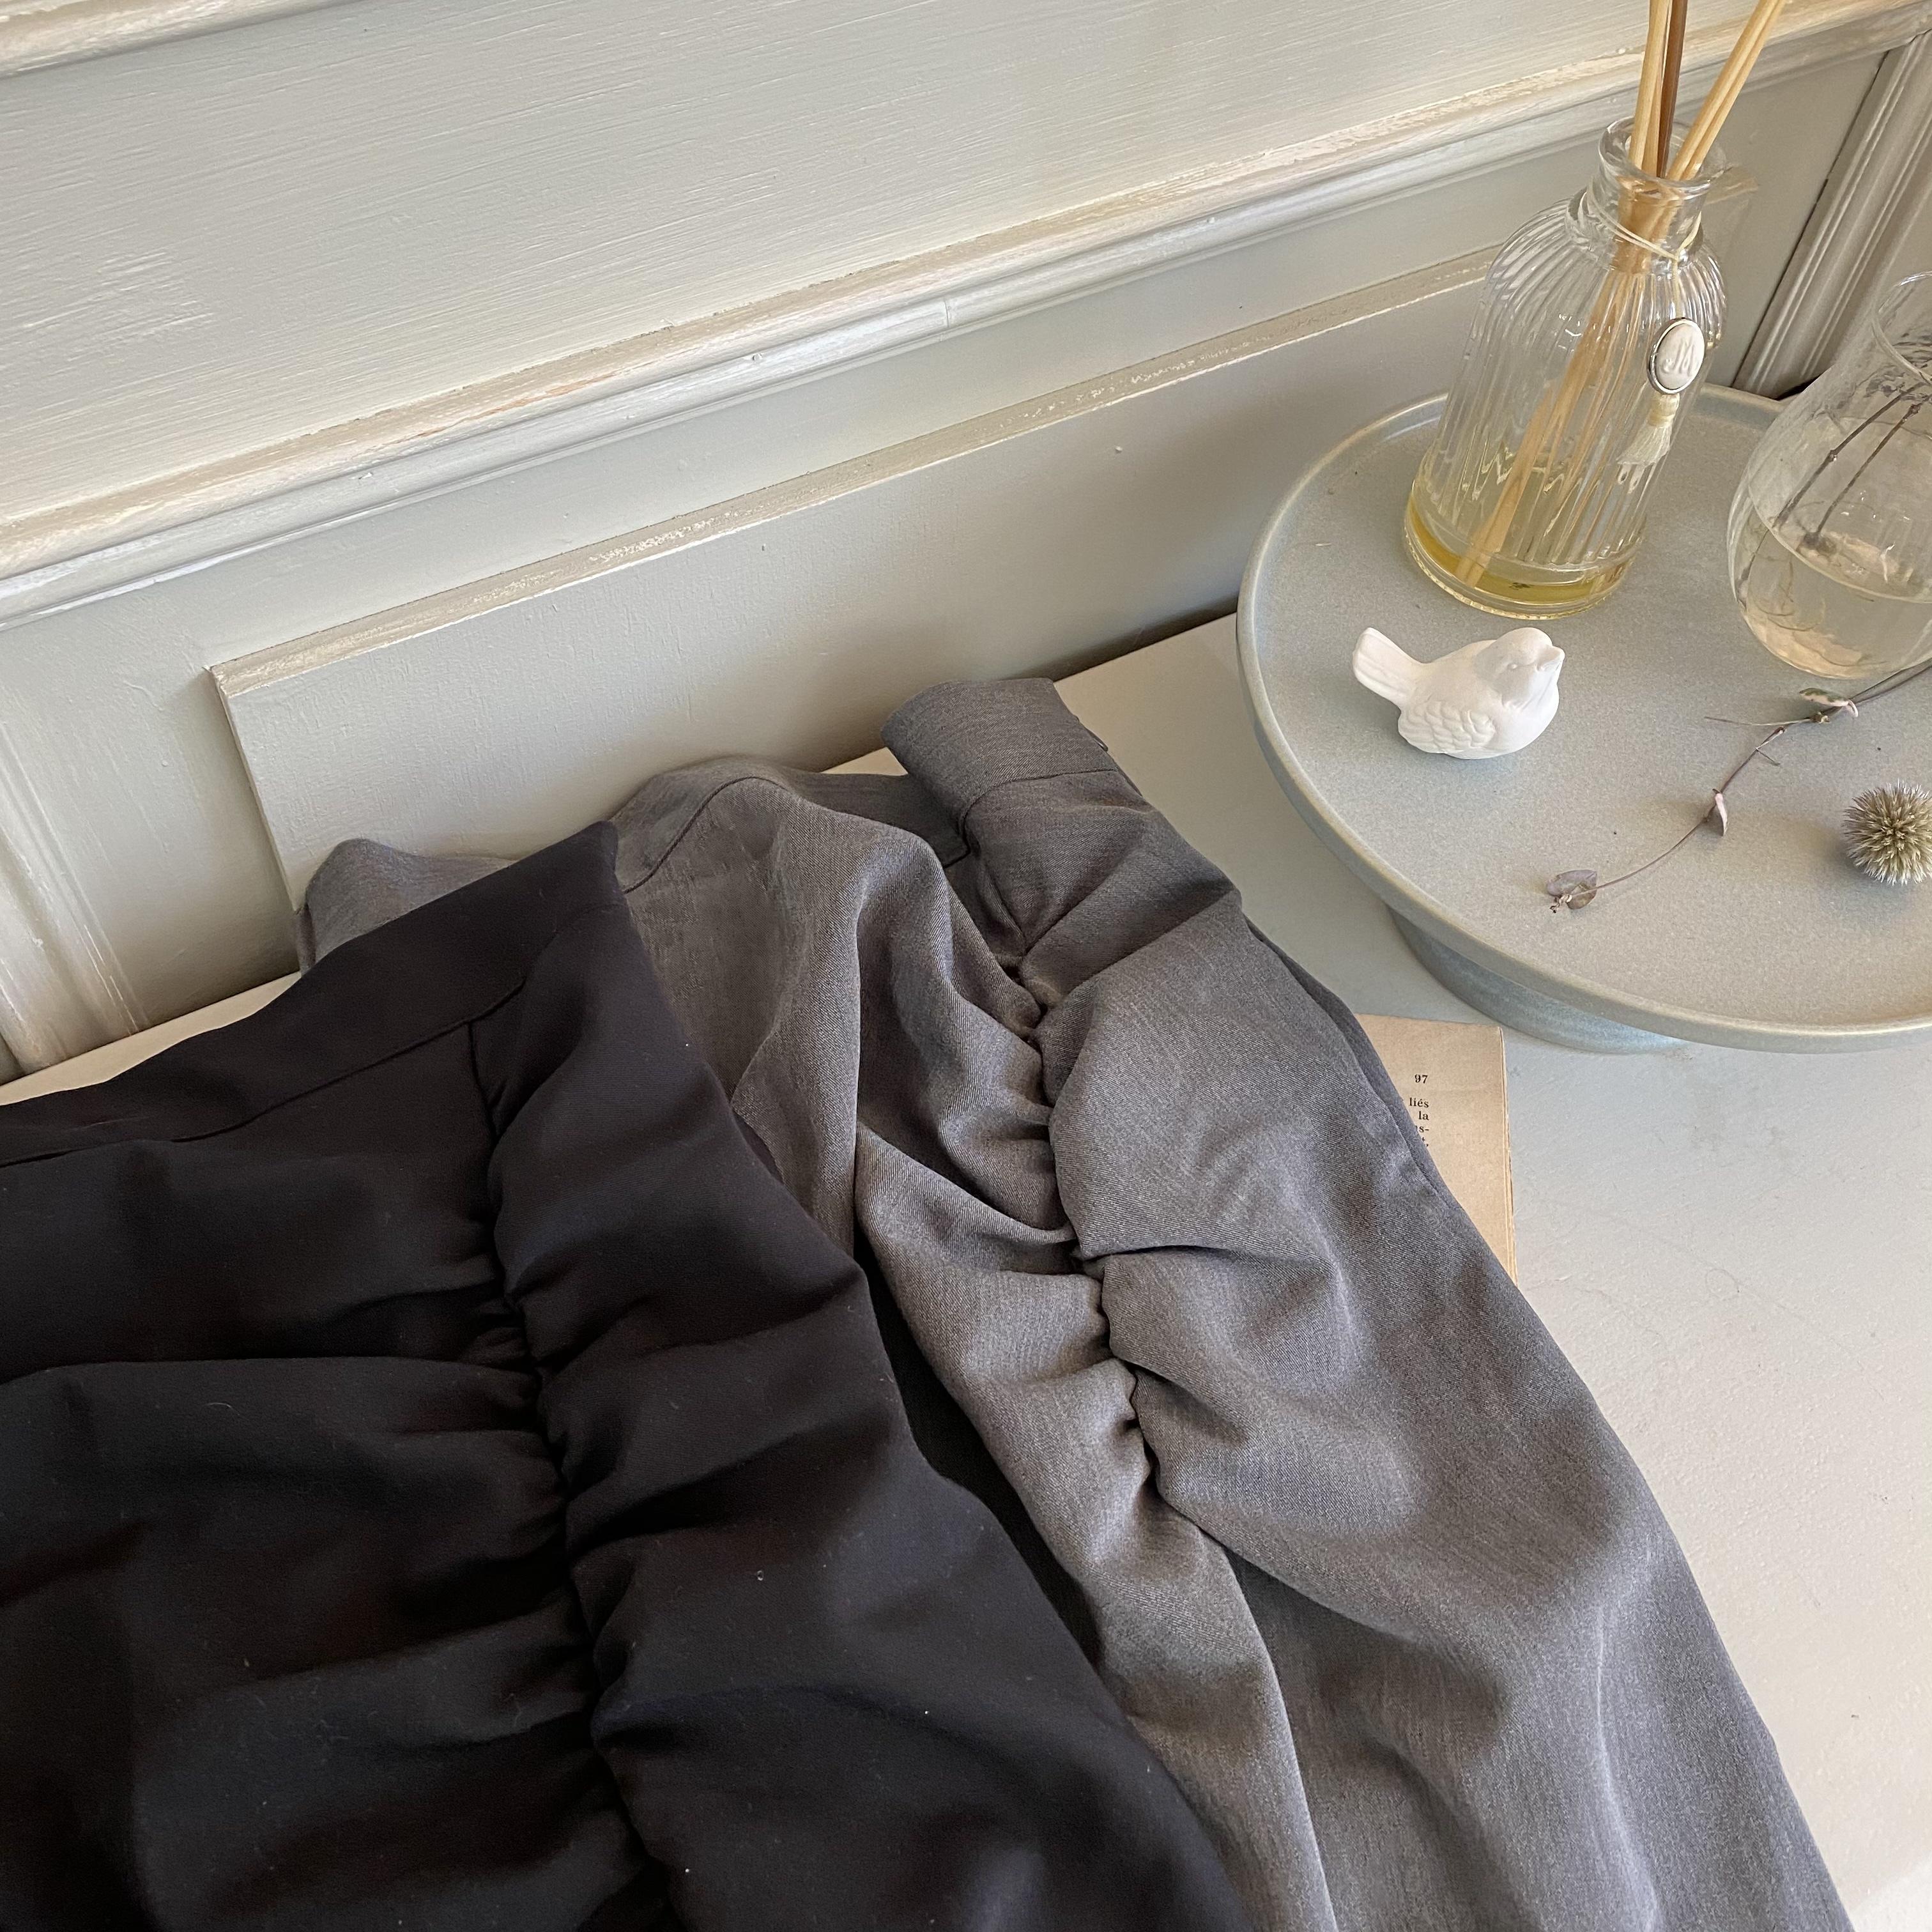 【Belle】shirring slit skirt / charcoal